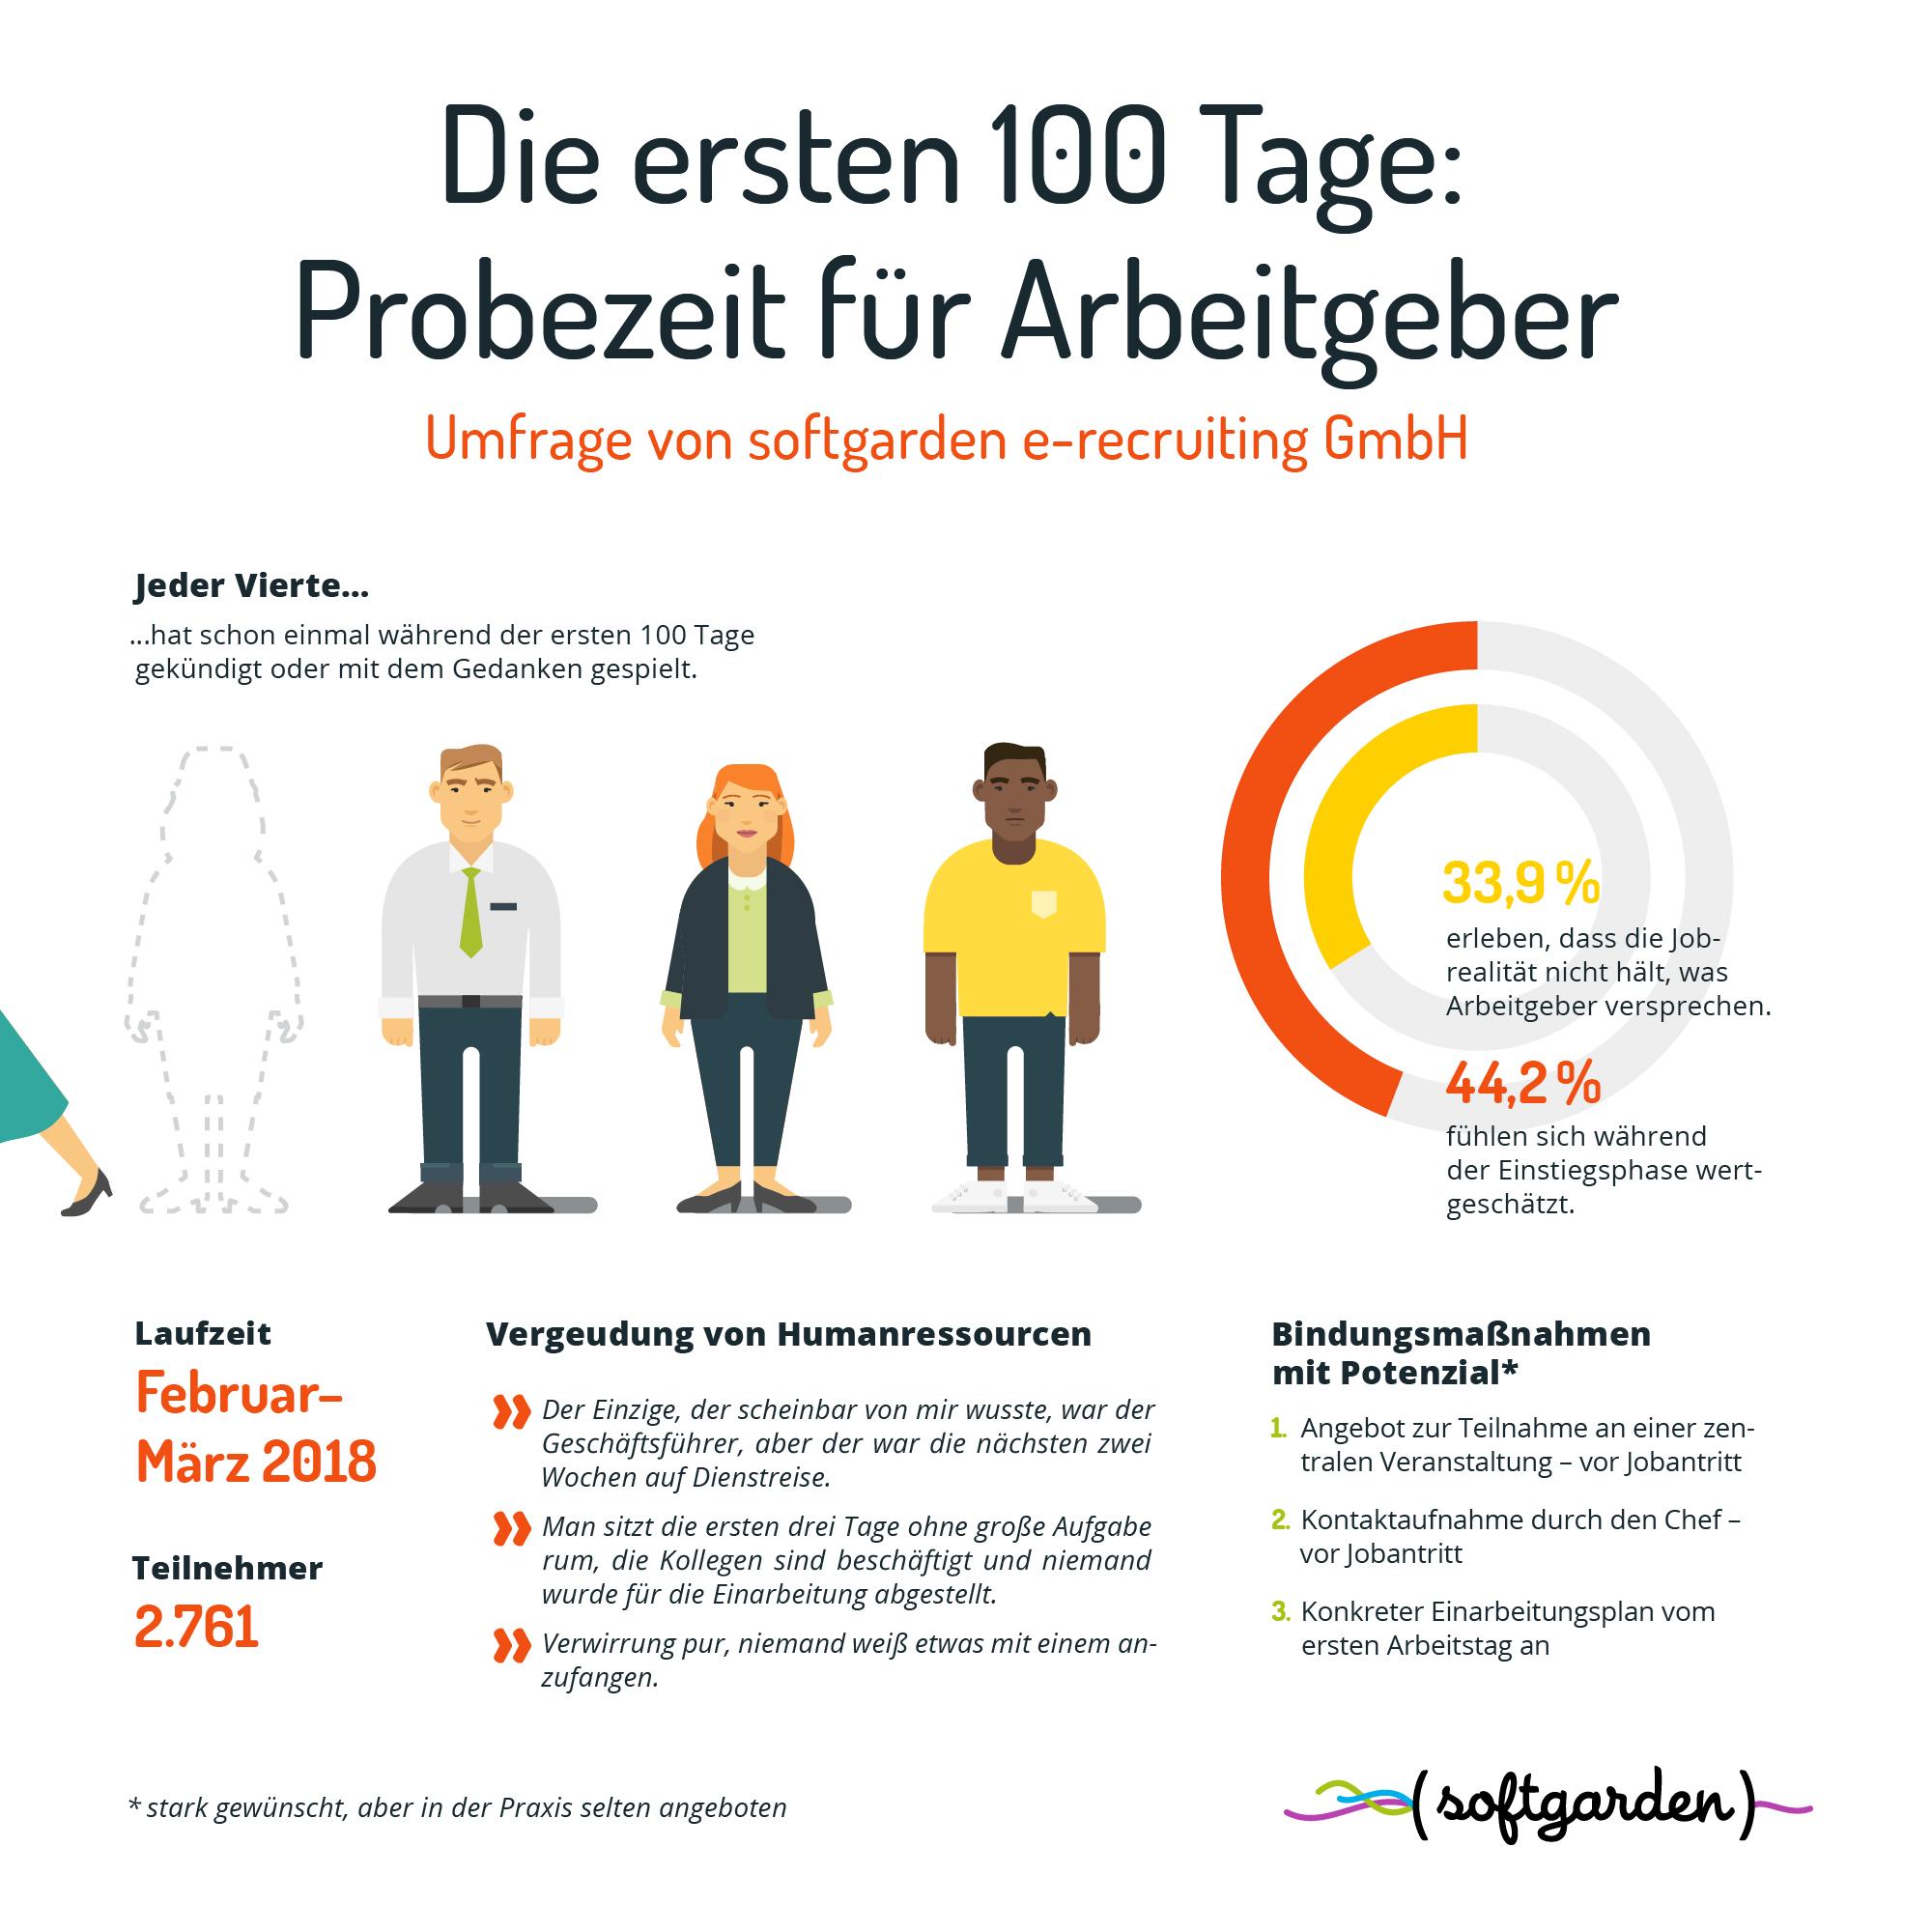 Probezeit für Arbeitgeber: die ersten 100 Tage im Job